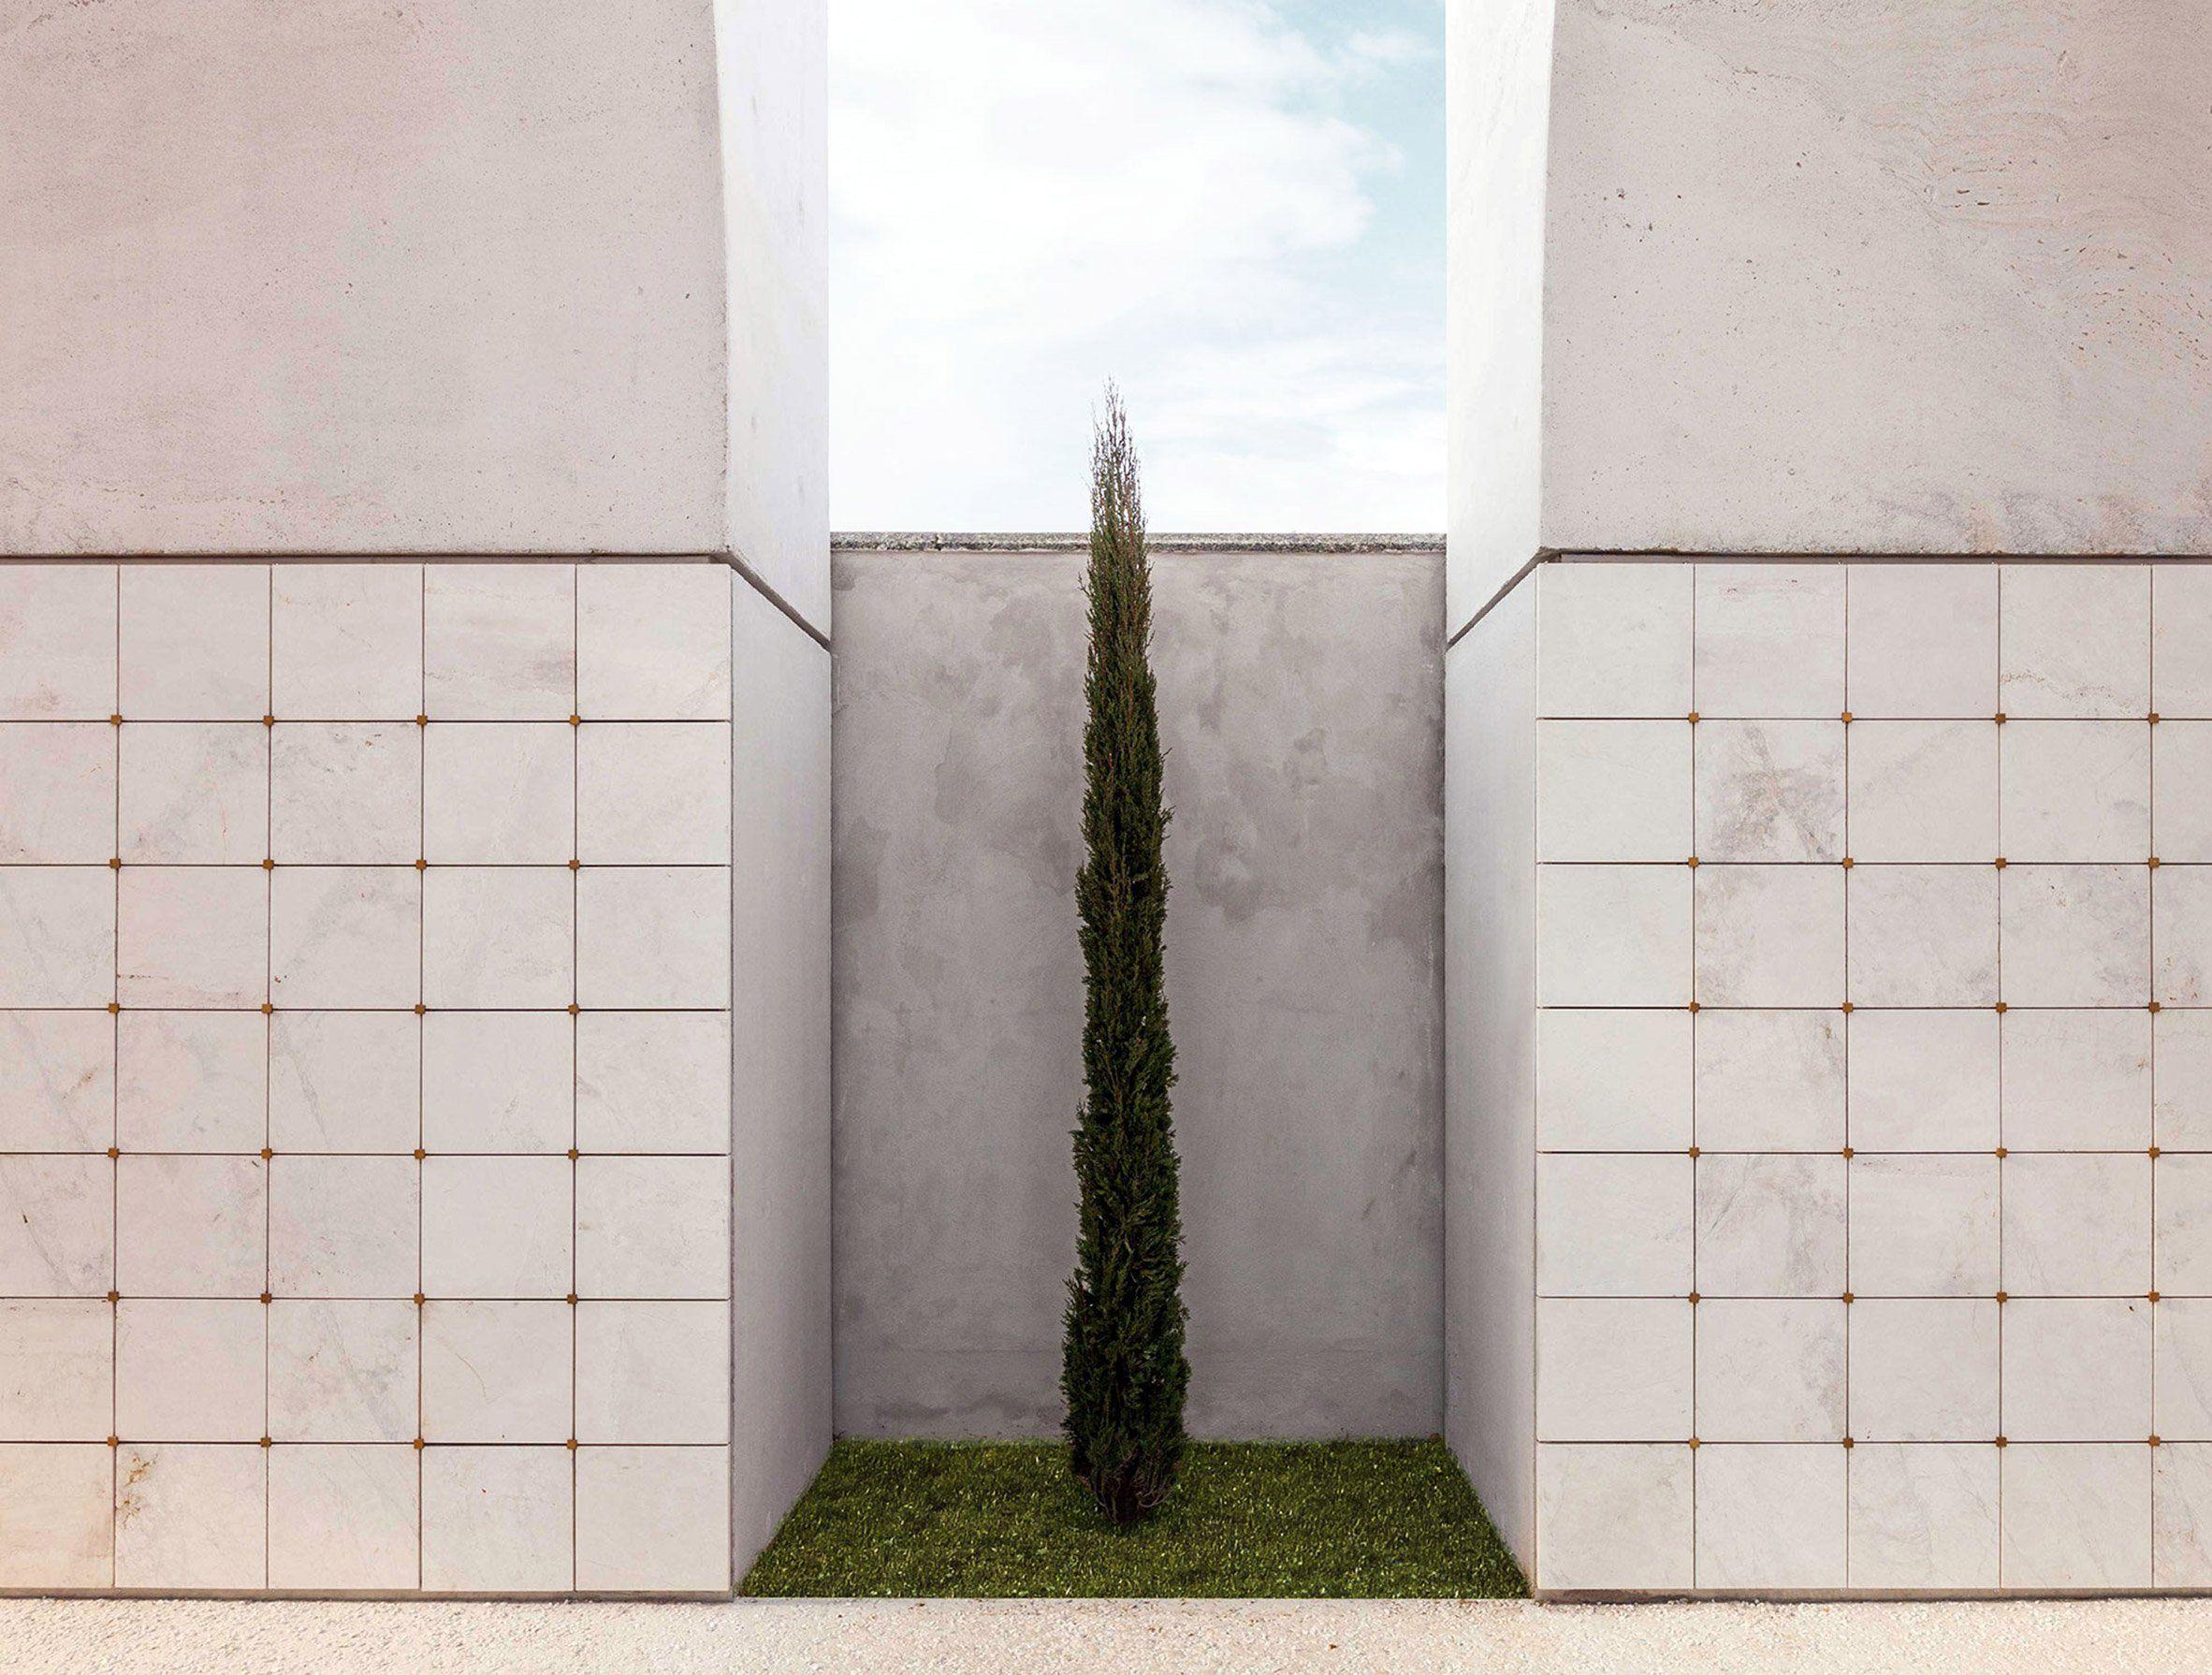 Architetti A Bergamo cn10 architetti has built a trio of white concrete and